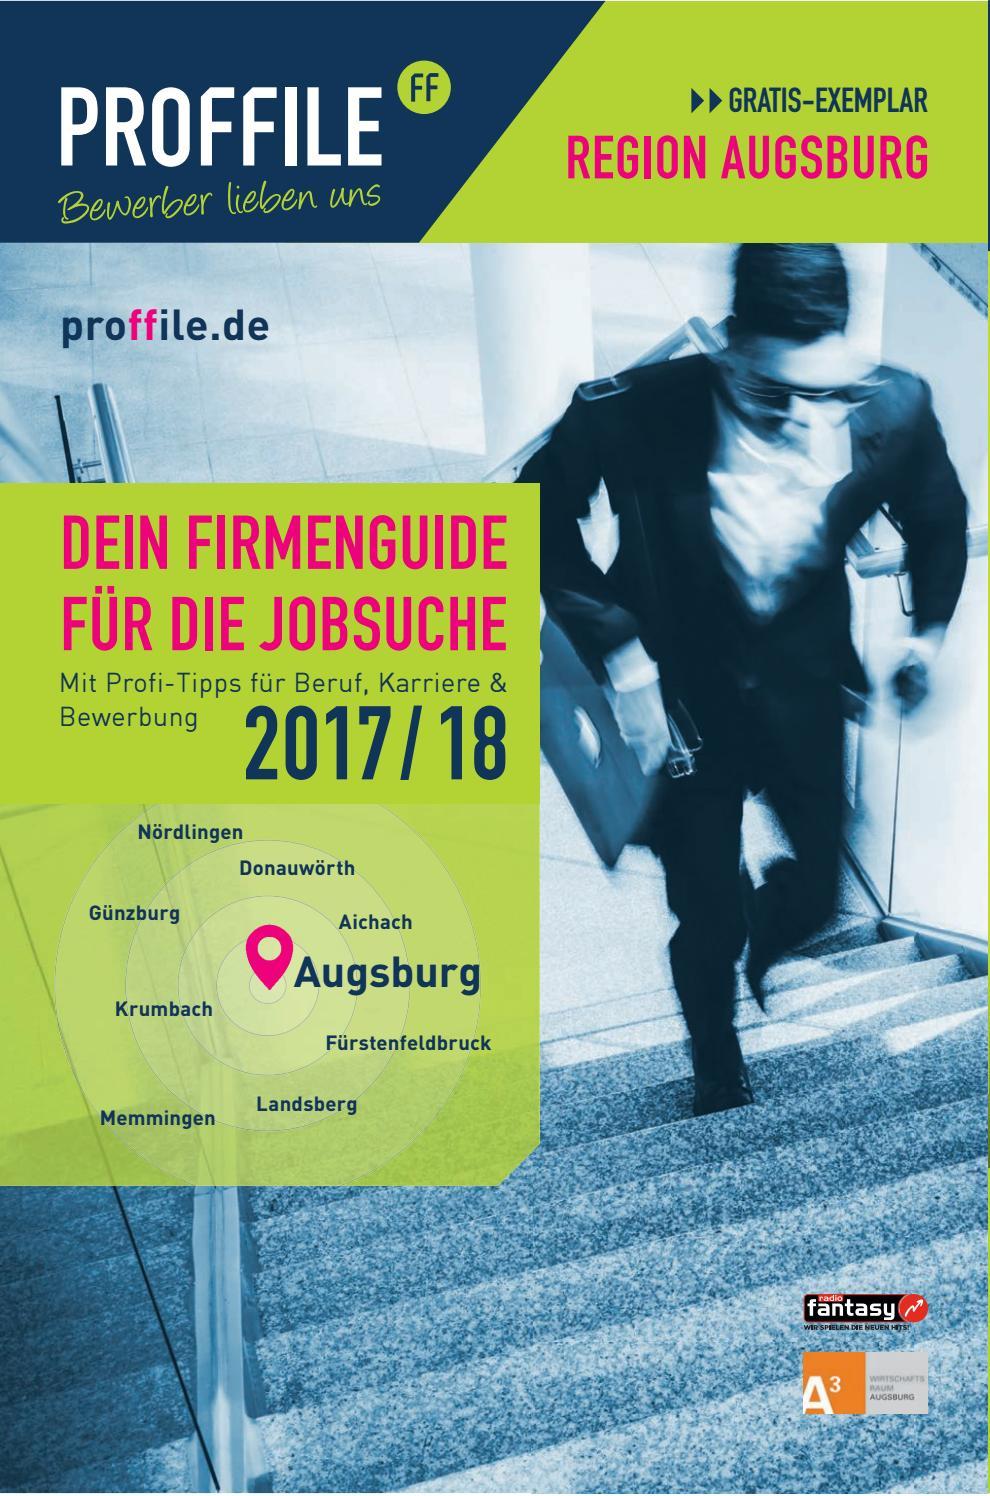 Proffile Ausgburg 2017 - Die Arbeitgeber der Region Augsburg und Umgebung  by SMK Medien GmbH & Co. KG | PROFFILE - issuu